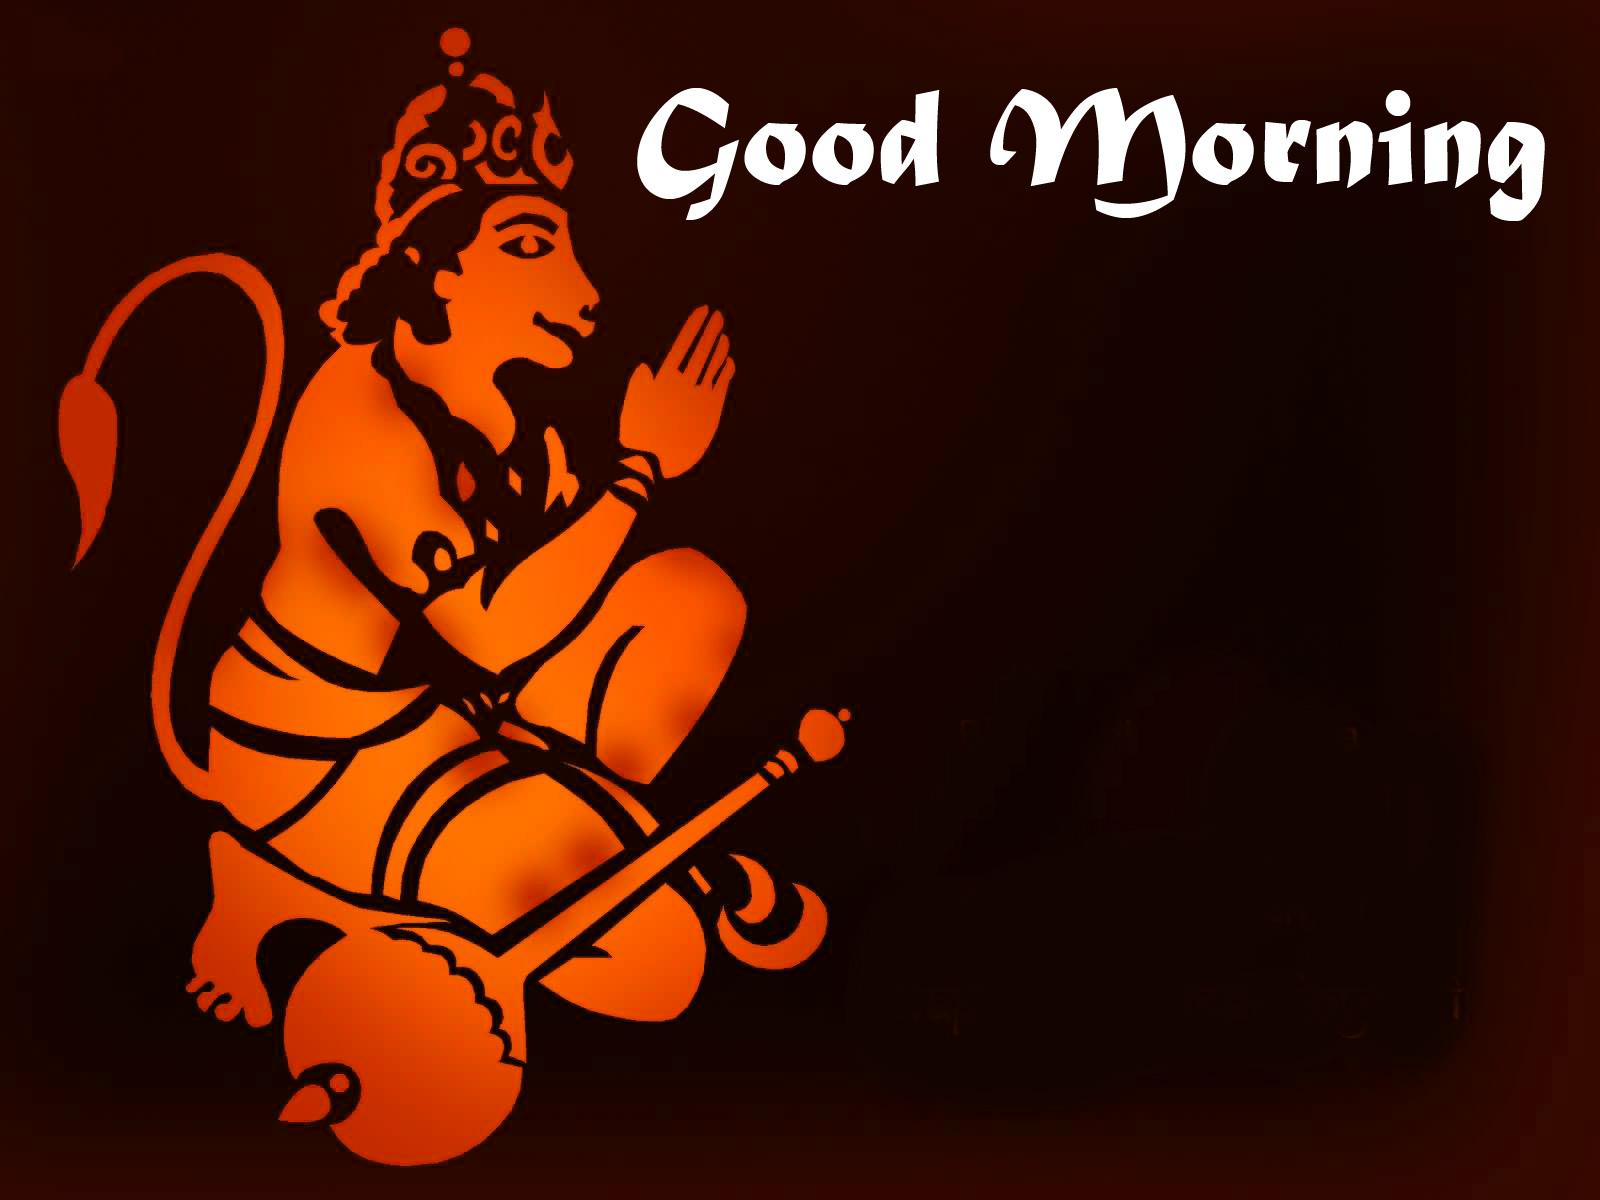 god images hanuman good Morning Images Free